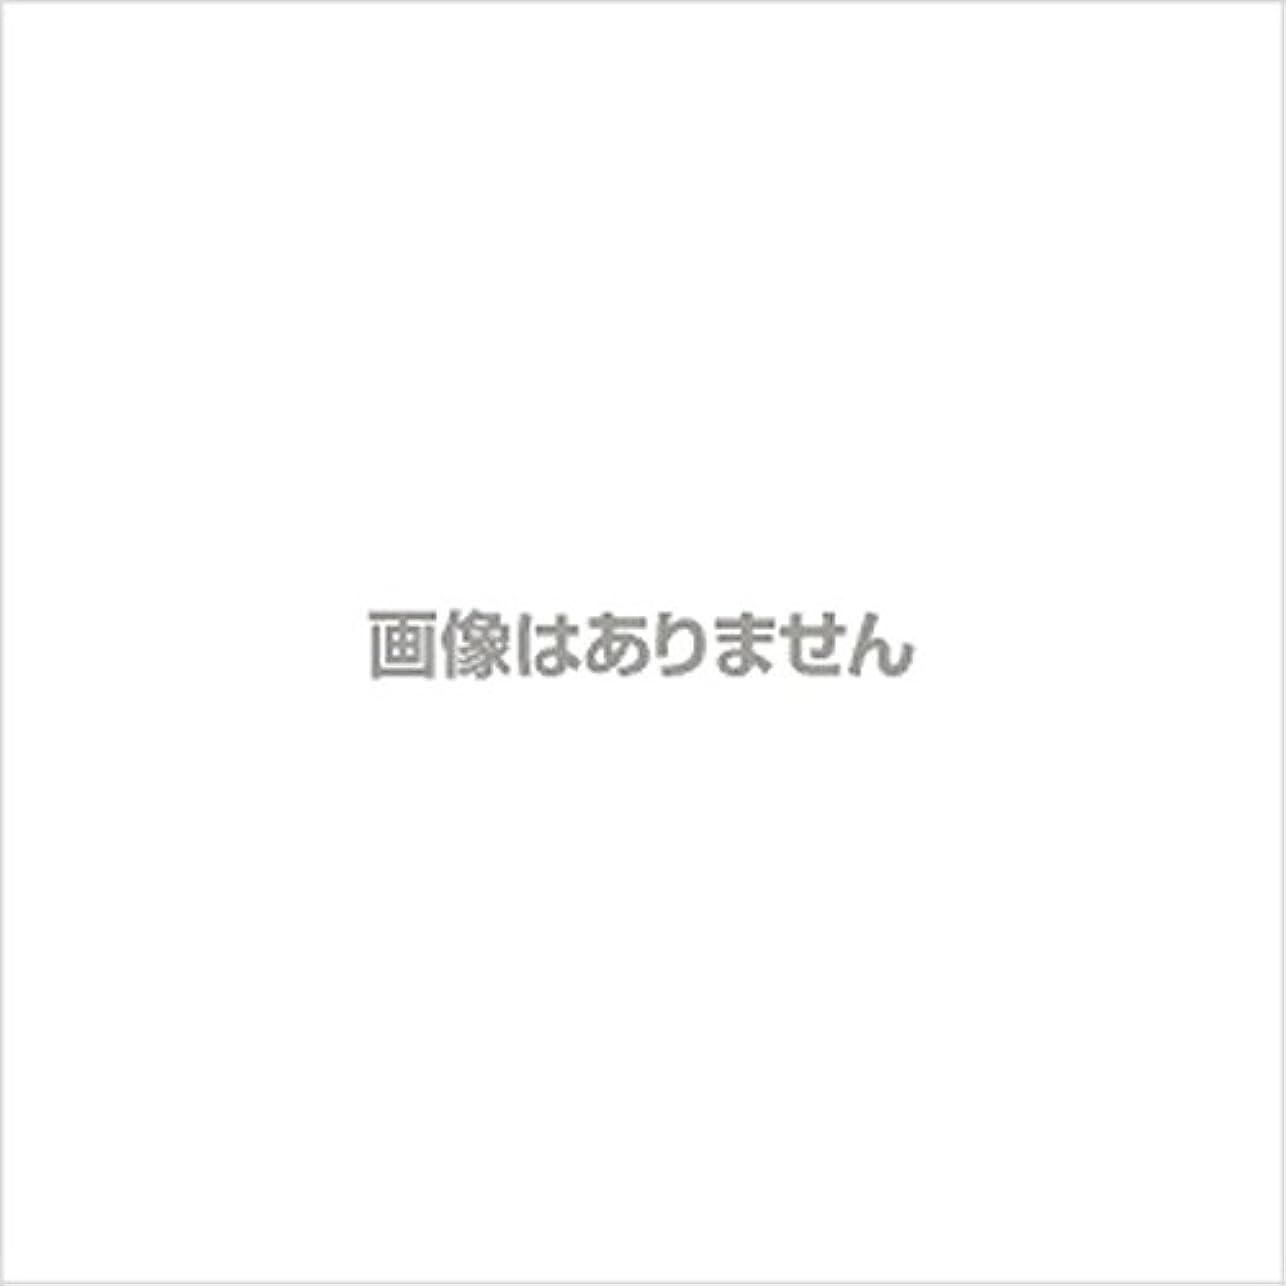 宇宙飛行士動かないビジョン【新発売】EBUKEA エブケアNO1002 プラスチックグローブ(粉付)Mサイズ 100枚入(極薄?半透明)